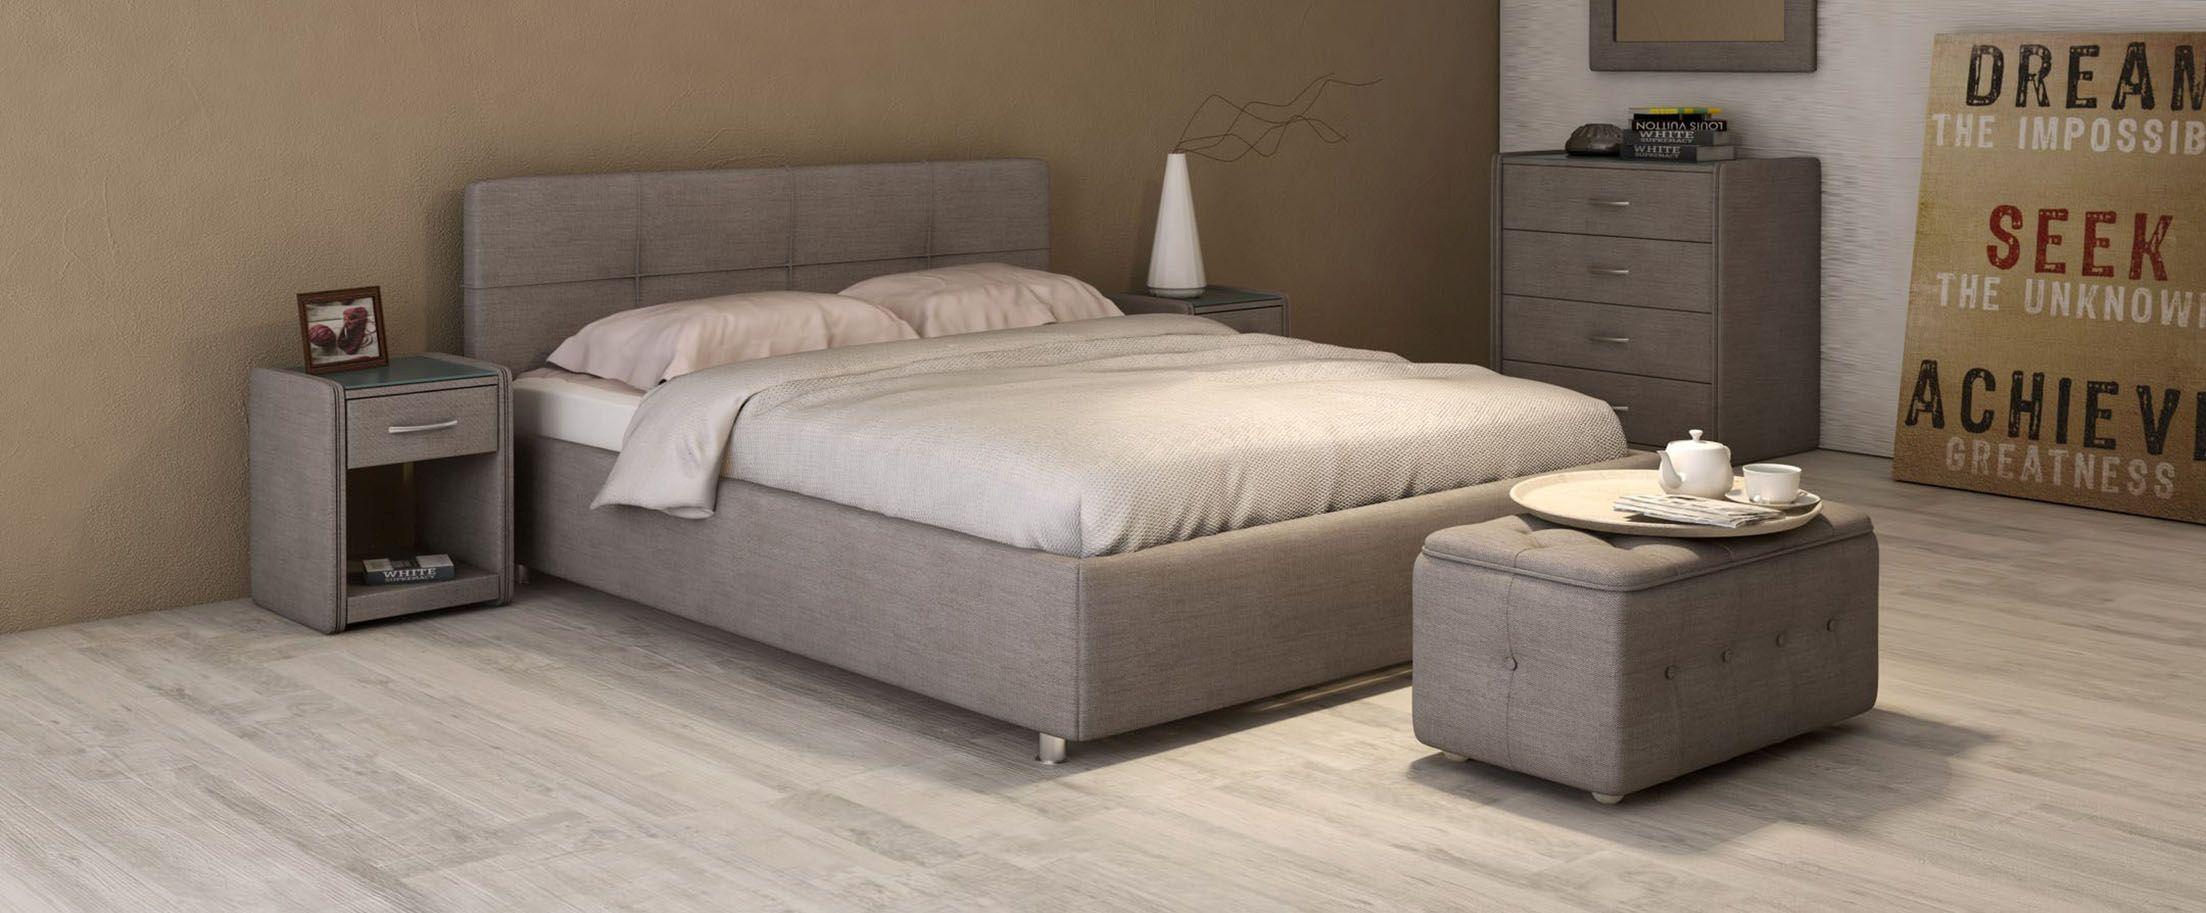 Кровать двуспальная Птичье гнездо Модель 381Лёгкость и аккуратность дизайна позволяют вписать эту кровать в интерьер даже очень небольшой комнаты, визуально не занимая лишнего пространства. Стильный кант подчеркивает простоту и чёткость линий.<br><br>Ширина см: 171<br>Глубина см: 208<br>Высота см: 90<br>Ширина спального места см: 160<br>Длина спального места см: 200<br>Встроенное основание: Есть<br>Материал каркаса: ДСП<br>Материал обивки: Рогожка<br>Подъемный механизм: Нет<br>Цвет: Серый<br>Код ткани: Bravo 25<br>Бренд: Другие